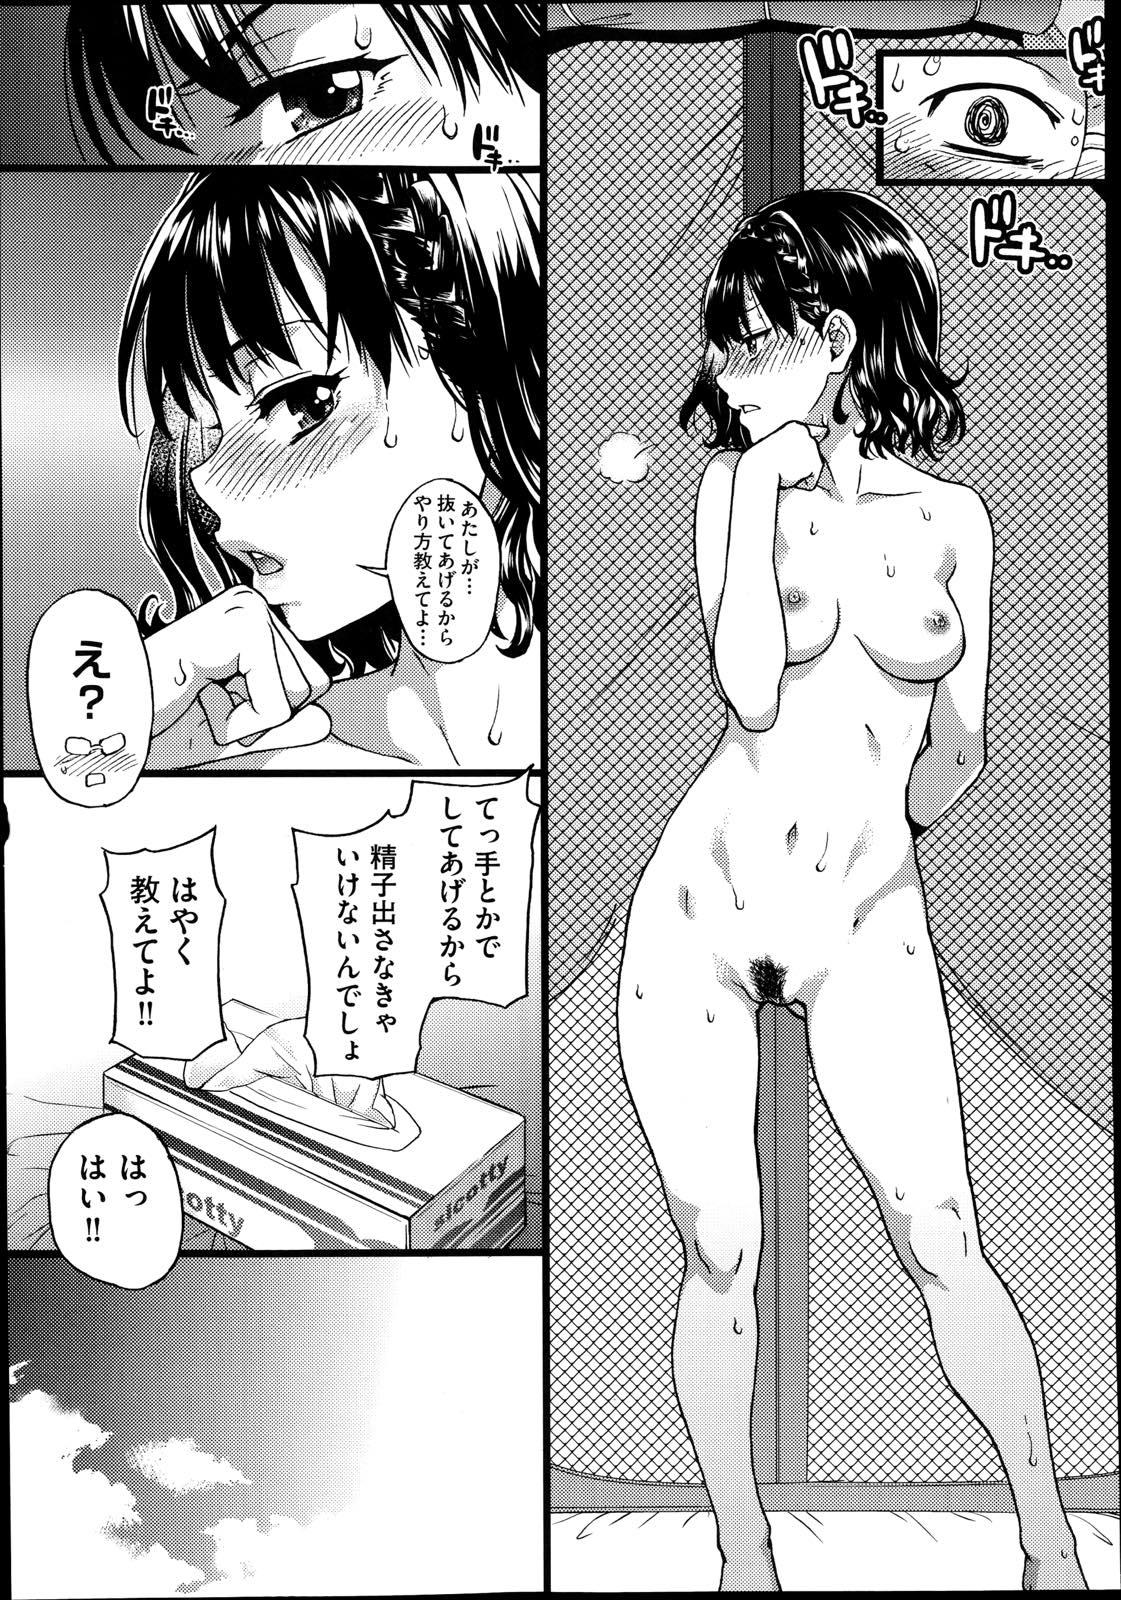 漫画 ヌーディスト ビーチ エロ